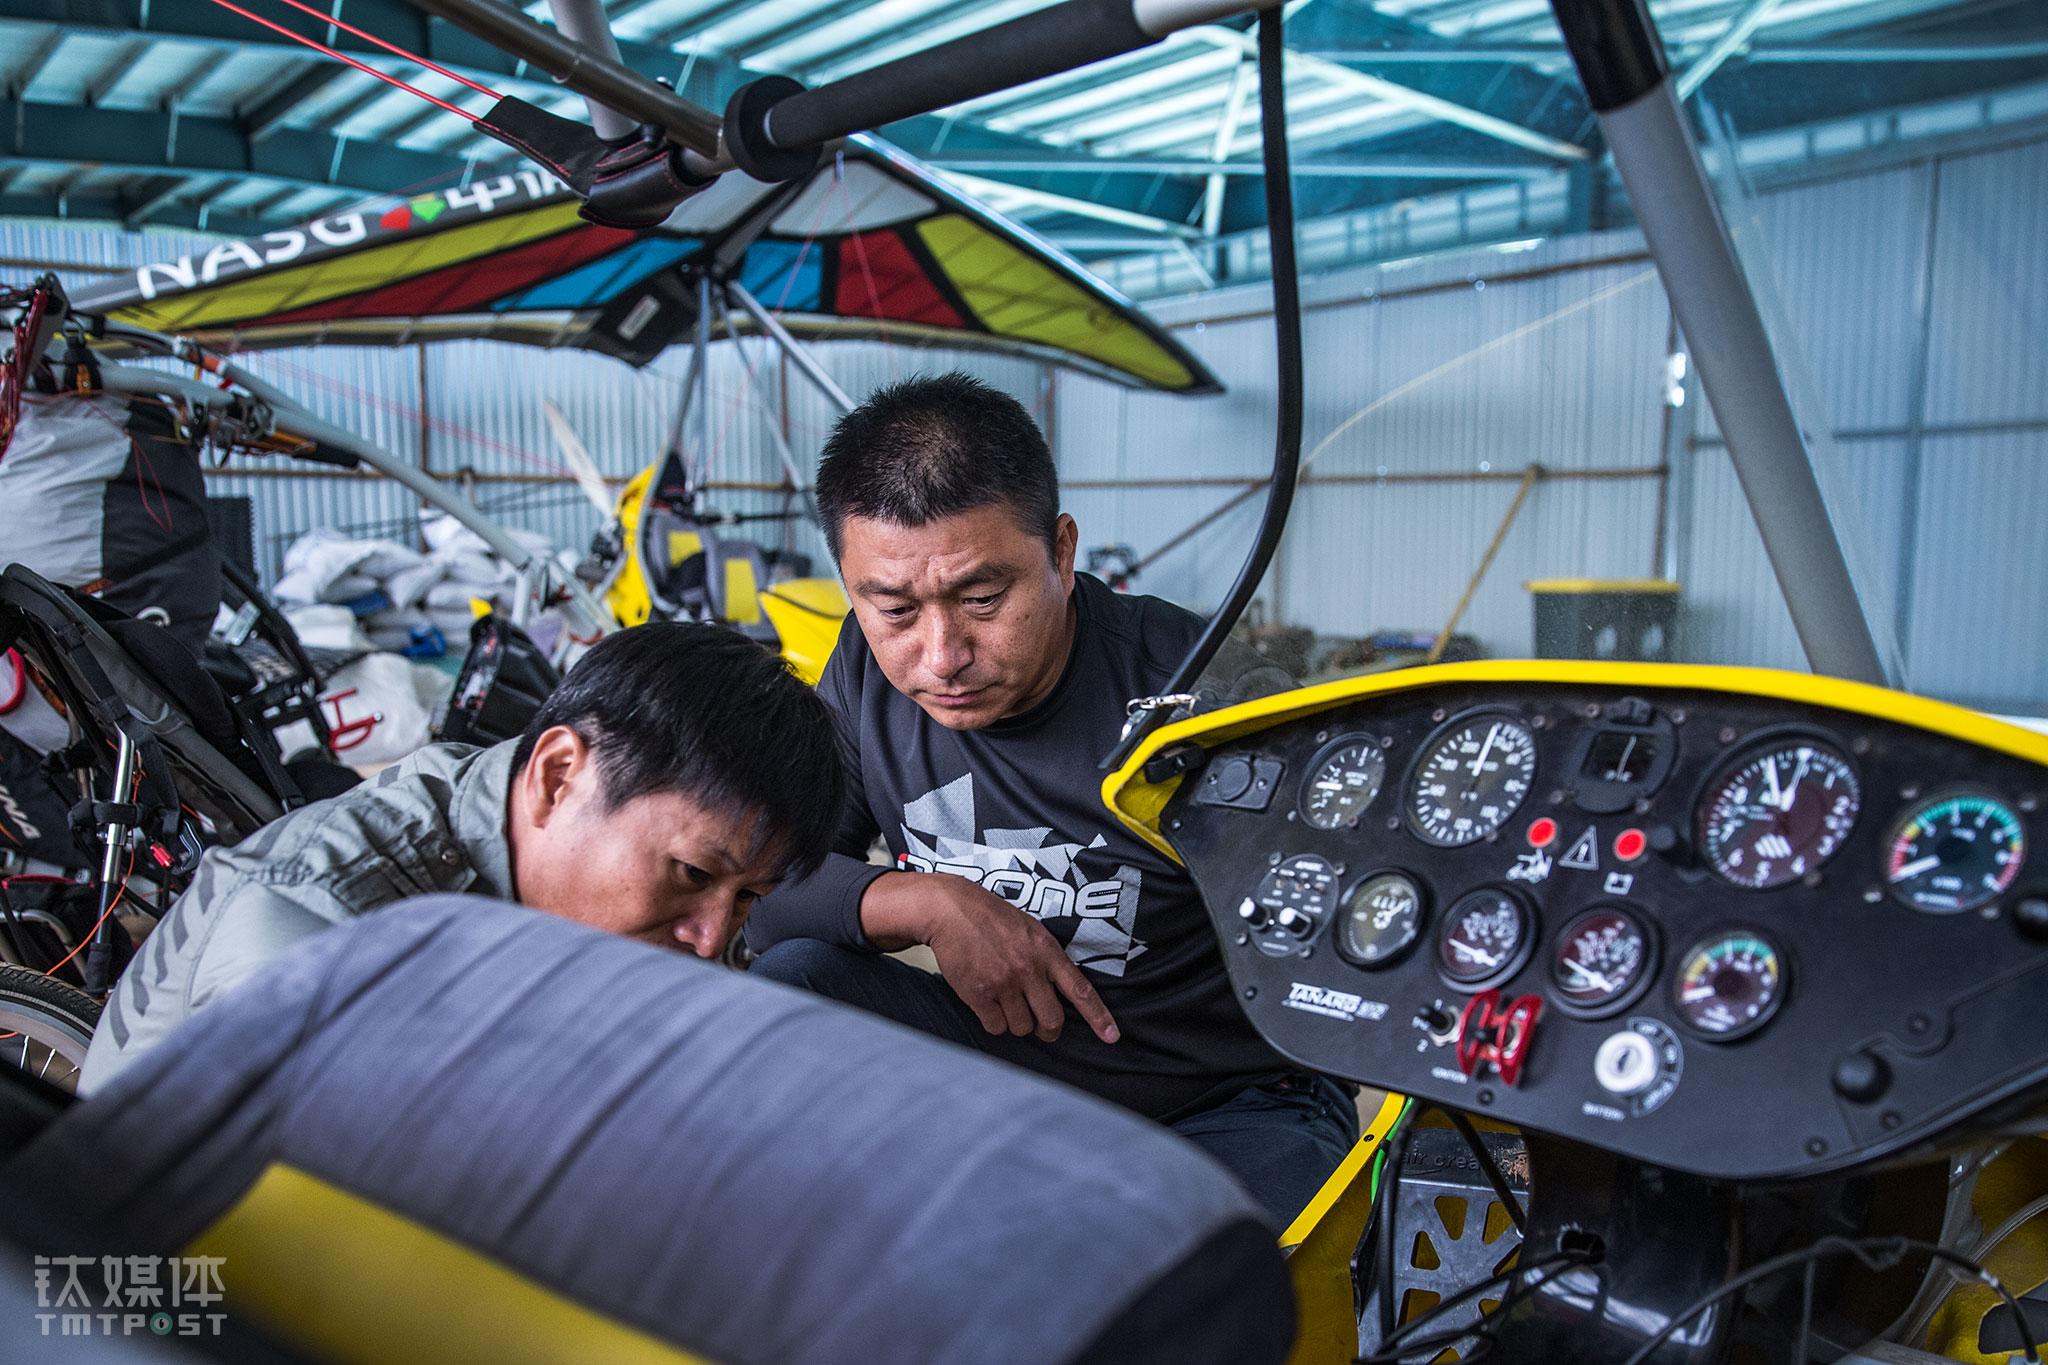 """中体飞行教练范小伟(右)在察看一台动力三角翼的刹车。范小伟是一名""""老资格""""航空人,他从业30多年,曾参与多项飞行相关国家标准的起草和制定和各类国家级飞行比赛标准的指定。""""航空运动和冒险、刺激的关系不大,它需要详尽细致的计划,是一种厚积薄发,而不是头脑发热去冒险"""",范小伟看到这么多年国内这一运动的发展,""""国内刚刚开始走向秩序和规范,在建立良性发展的系统。航空运动这个市场一旦爆发,如果我们的准备和积累应付不了,就会引起很多问题。"""""""